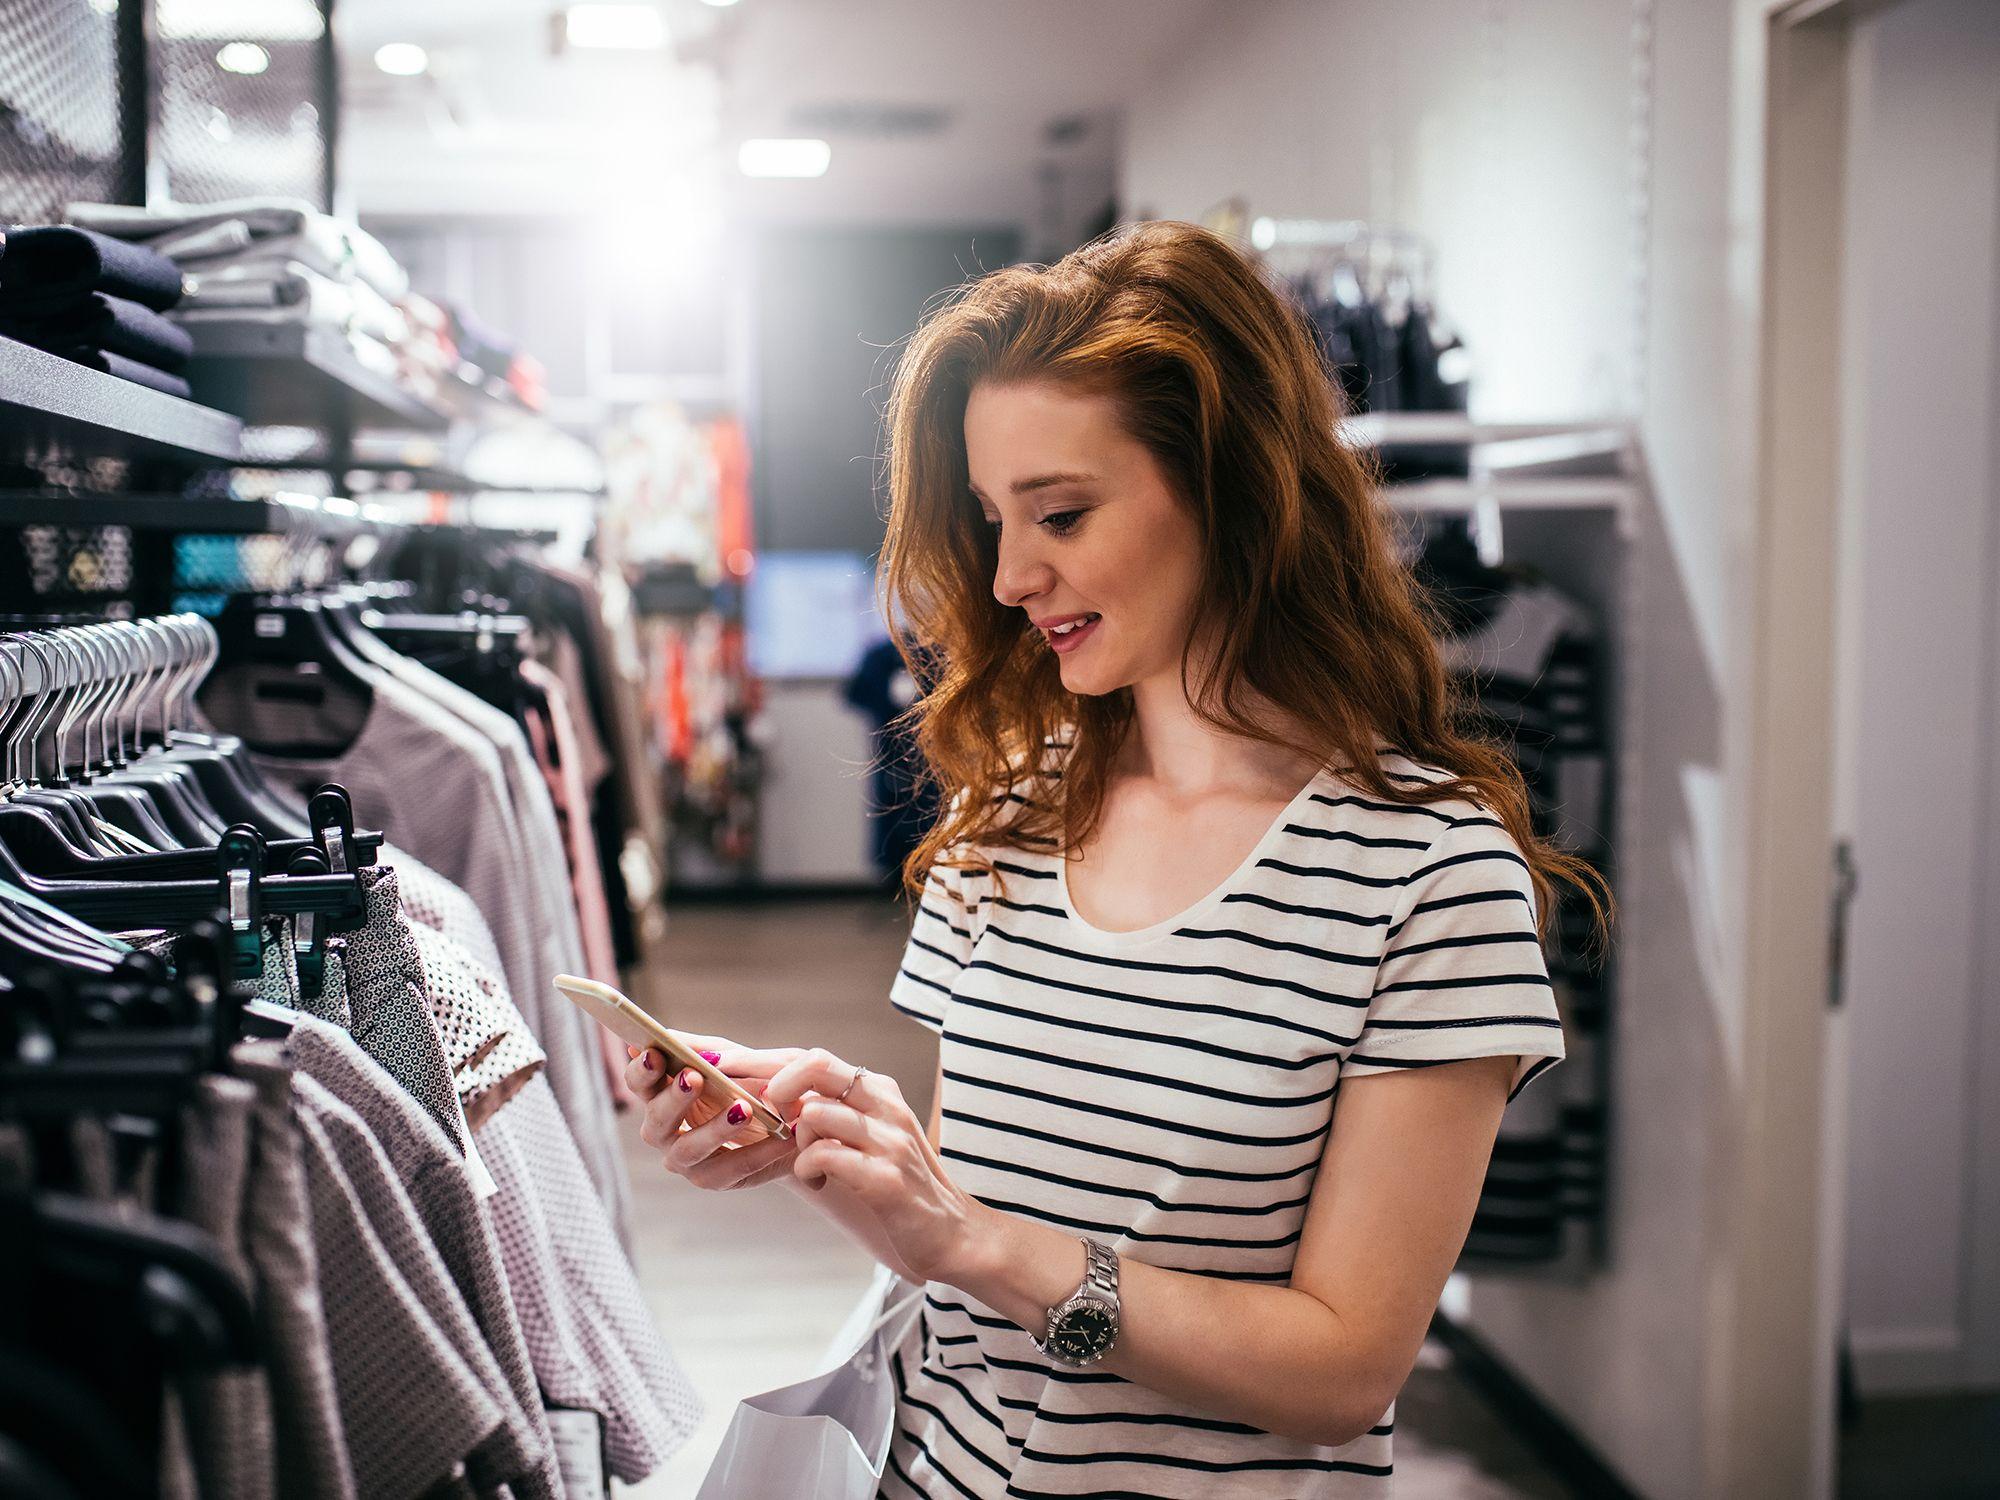 Level 3 - Testkäufer, Servicetester, Mysterychecker, Mystery Käufer, Mystery Tester, Produkttester, Supermarkt Tester, Testkunden, Leiharbeiter, Zeitarbeiter, Leiharbeitnehmer, Leihkraft, Temporärarbeiter für den Einzelhandel, Testkauf, Kundenservice, Kundenbetreuung, Kundenbindung, Außenhandel, Außendienst, Vertrieb, Direktvertrieb, Vertriebsberatung, Verkaufsförderung, Absatzförderung, Verkaufsinnendienst, Verkaufsabteilung und Großhandel bei uns als Personalagentur, Zeitarbeitsfirma, Zeitarbeitsunternehmen, Personal-Service-Agentur, Personaldienstleistungsagentur und Leiharbeitsfirma per Arbeitnehmer-Leasing, Arbeitnehmerüberlassung, Arbeitskräfte-Leasing, Arbeitskräfteüberlassung, Arbeitskraftüberlassung, Leiharbeit, Mitarbeiter-Leasing, Mitarbeiterleasing, Mitarbeiterüberlassung, Personaldienstleistung, Personalleasing, Personalüberlassung, Temporärarbeit, Zeitarbeit buchen, mieten, leihen oder langfristig neue Mitarbeiter für Jobs wie Schülerjobs, Ferienjobs, Aushilfsjobs, Studentenjobs, Werkstudentenjobs, Saisonjobs, Vollzeit Jobs, Teilzeit Jobs, Nebenjobs, Temporär Jobs, Gelegenheitsjobs per Personalvermittlung suchen, finden und vermittelt bekommen.